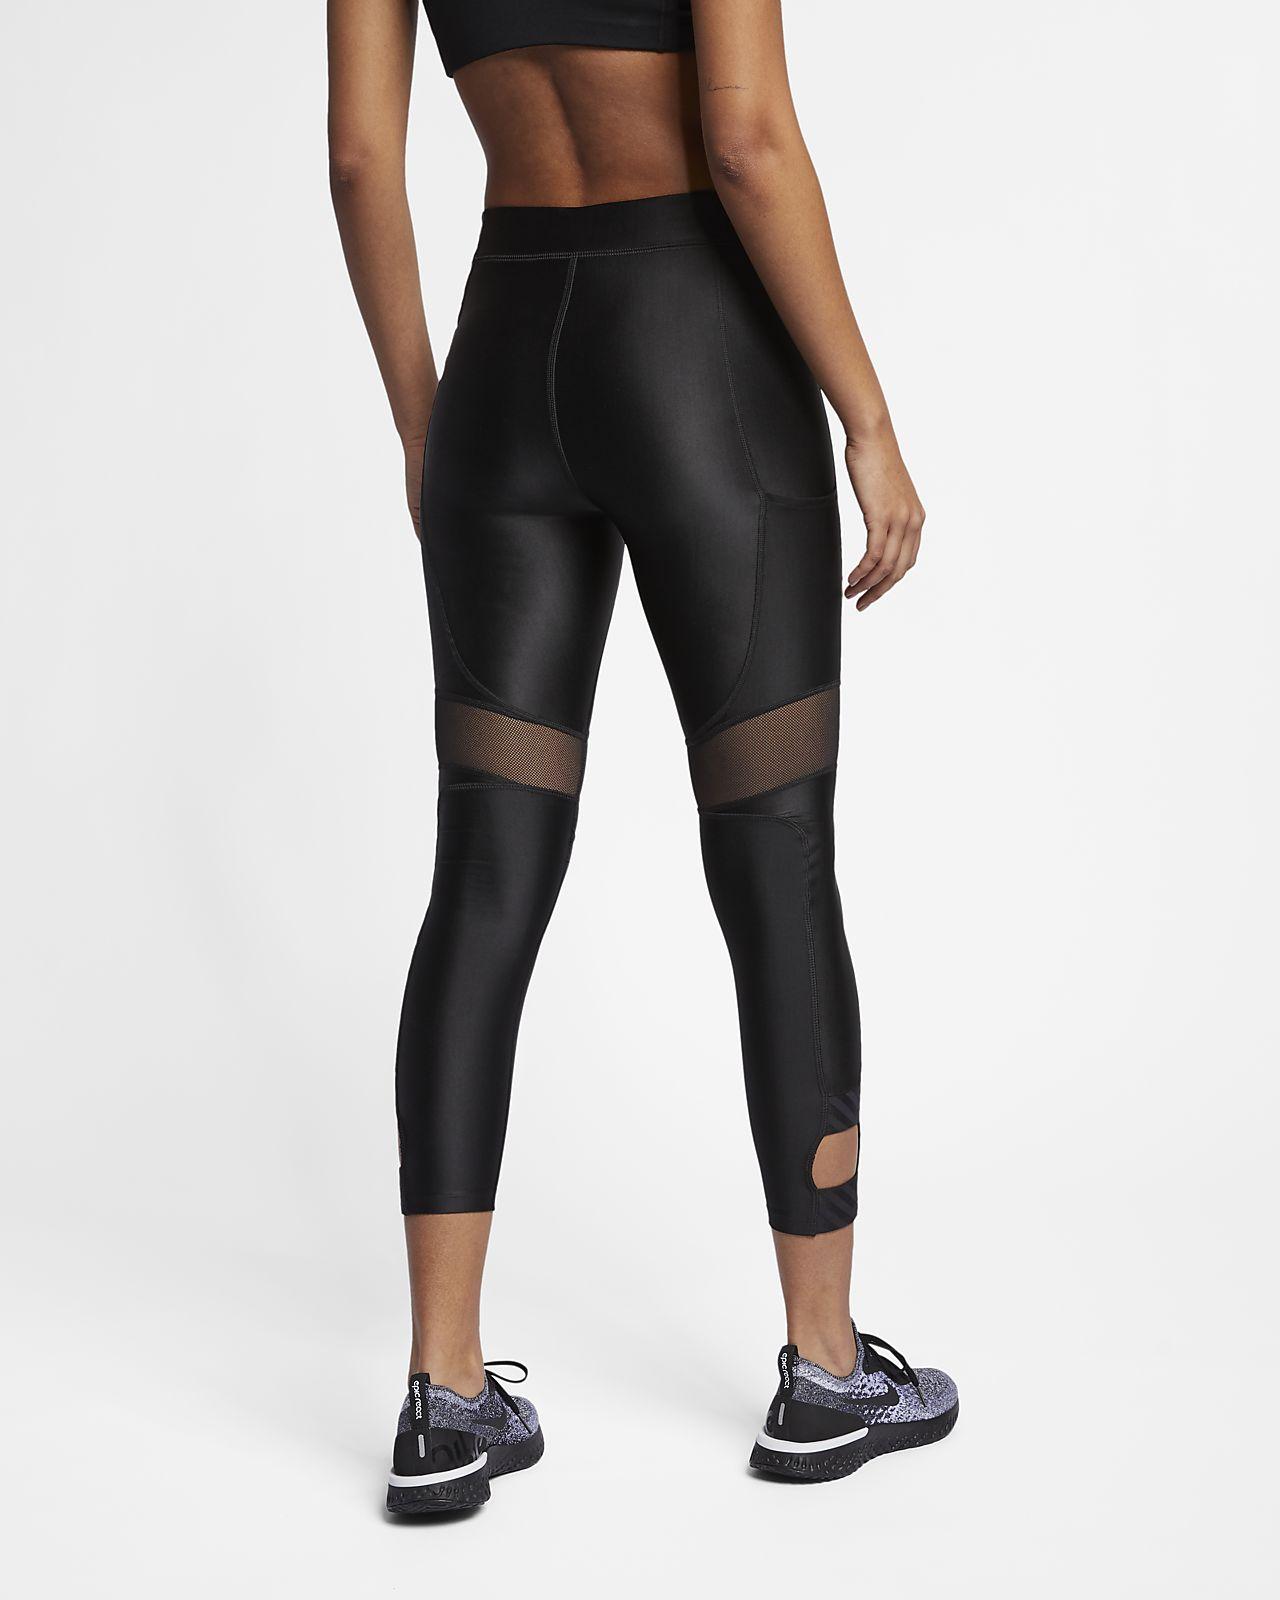 461e4e89a914 Tight de running Nike Speed pour Femme. Nike.com FR